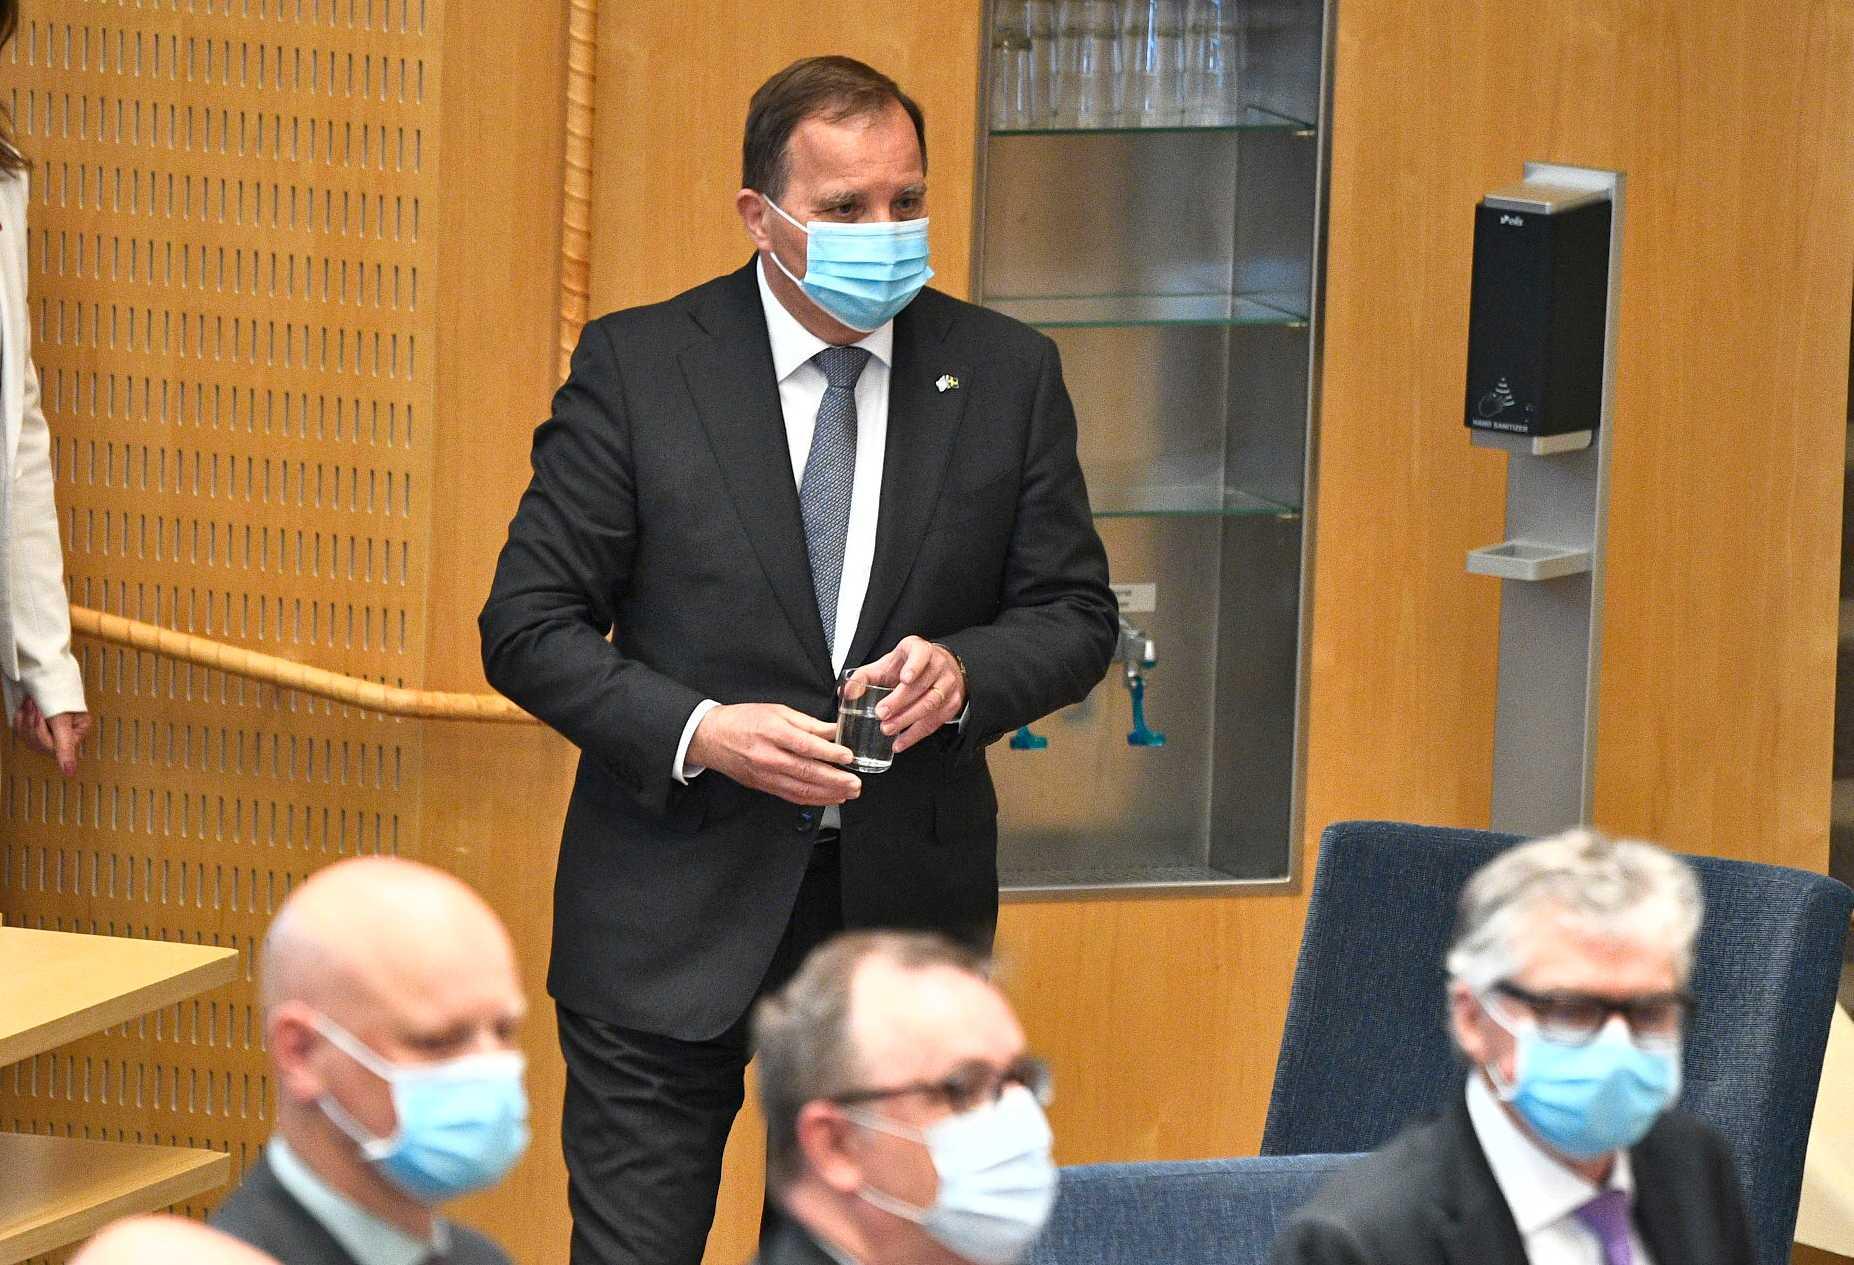 Statsminister Stefan Löfven (S) tar ett glas vatten i riksdagen inför misstroendeomröstningen.